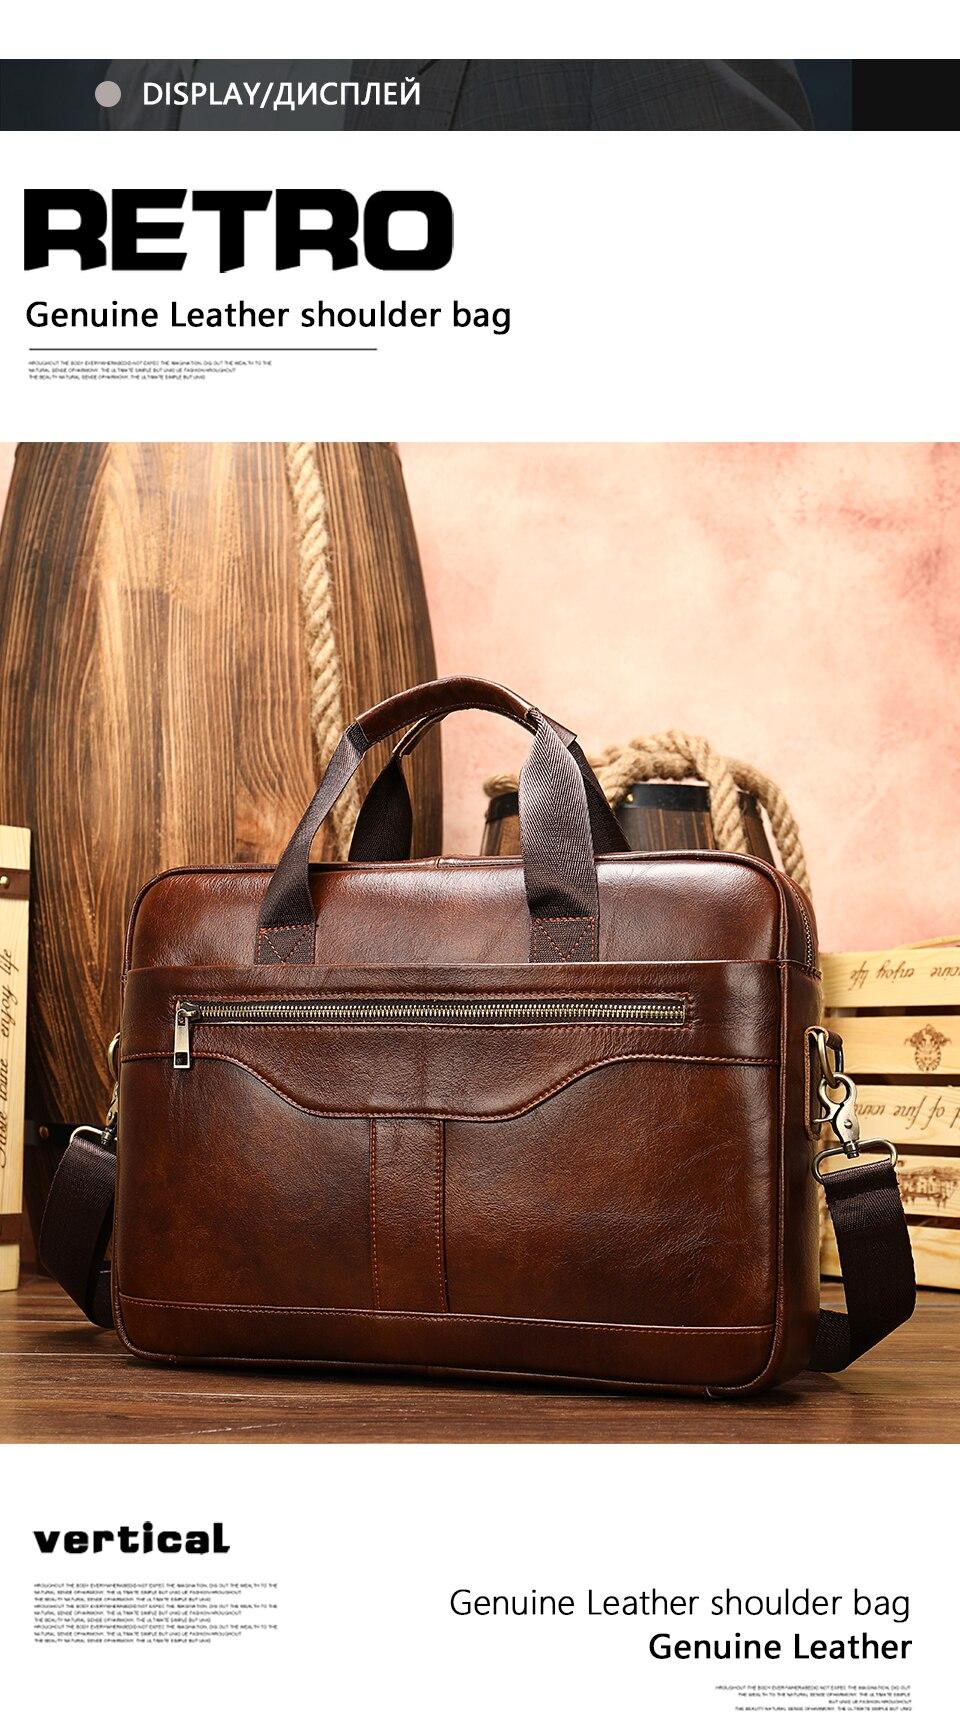 H0937113b7c4c4e04a05633ee6651143aN MVA men's briefcase/genuine Leather messenger bag men leather/business laptop office bags for men briefcases men's bags 8572